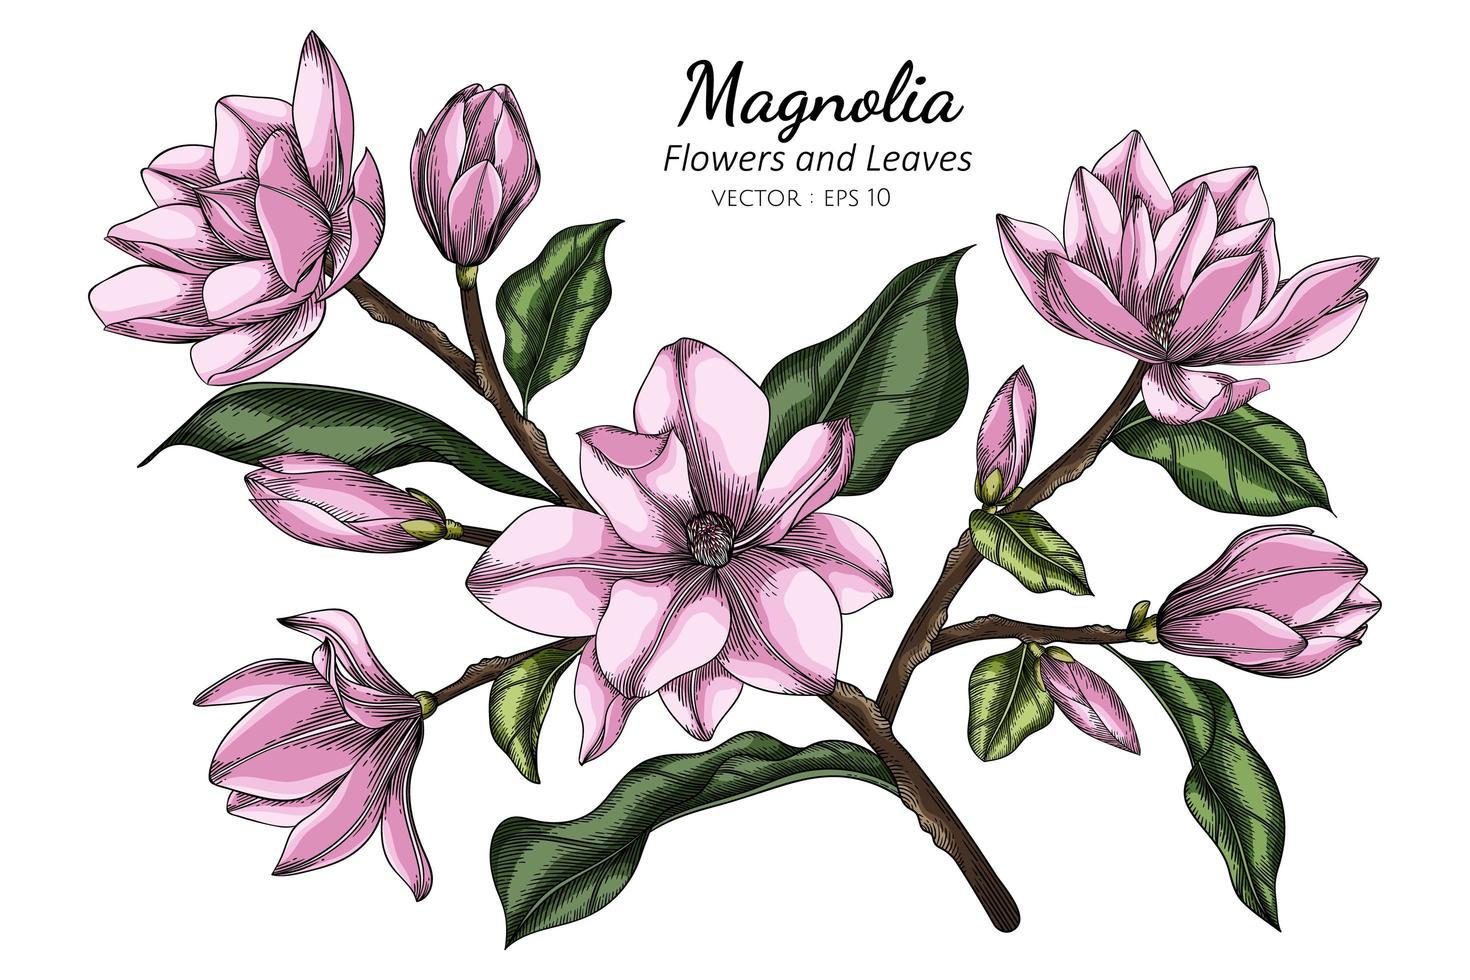 rosa Magnolienblumen- und Blattzeichnungsillustration mit Strichzeichnungen auf weißem Hintergrund vektor